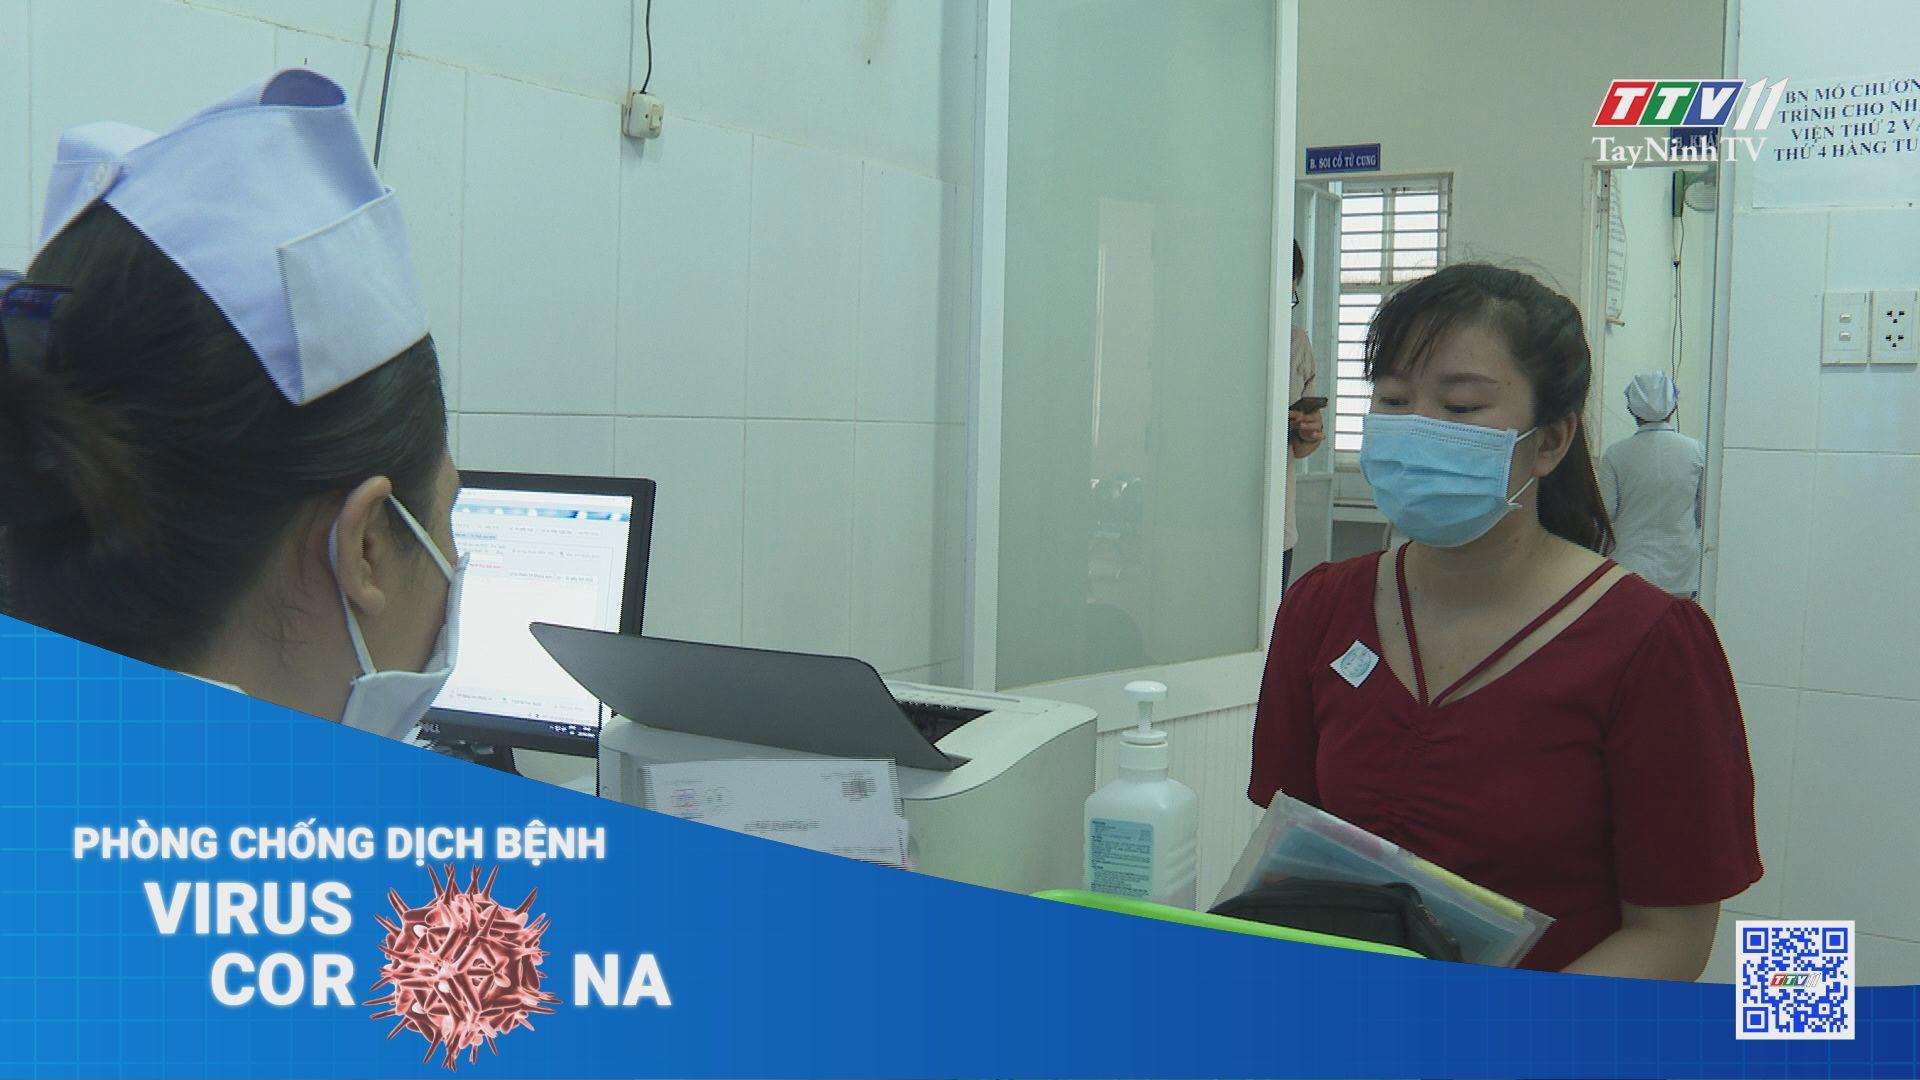 Một số thông tin cần biết về vaccine Covid-19 | THÔNG TIN DỊCH CÚM COVID-19 | TayNinhTV